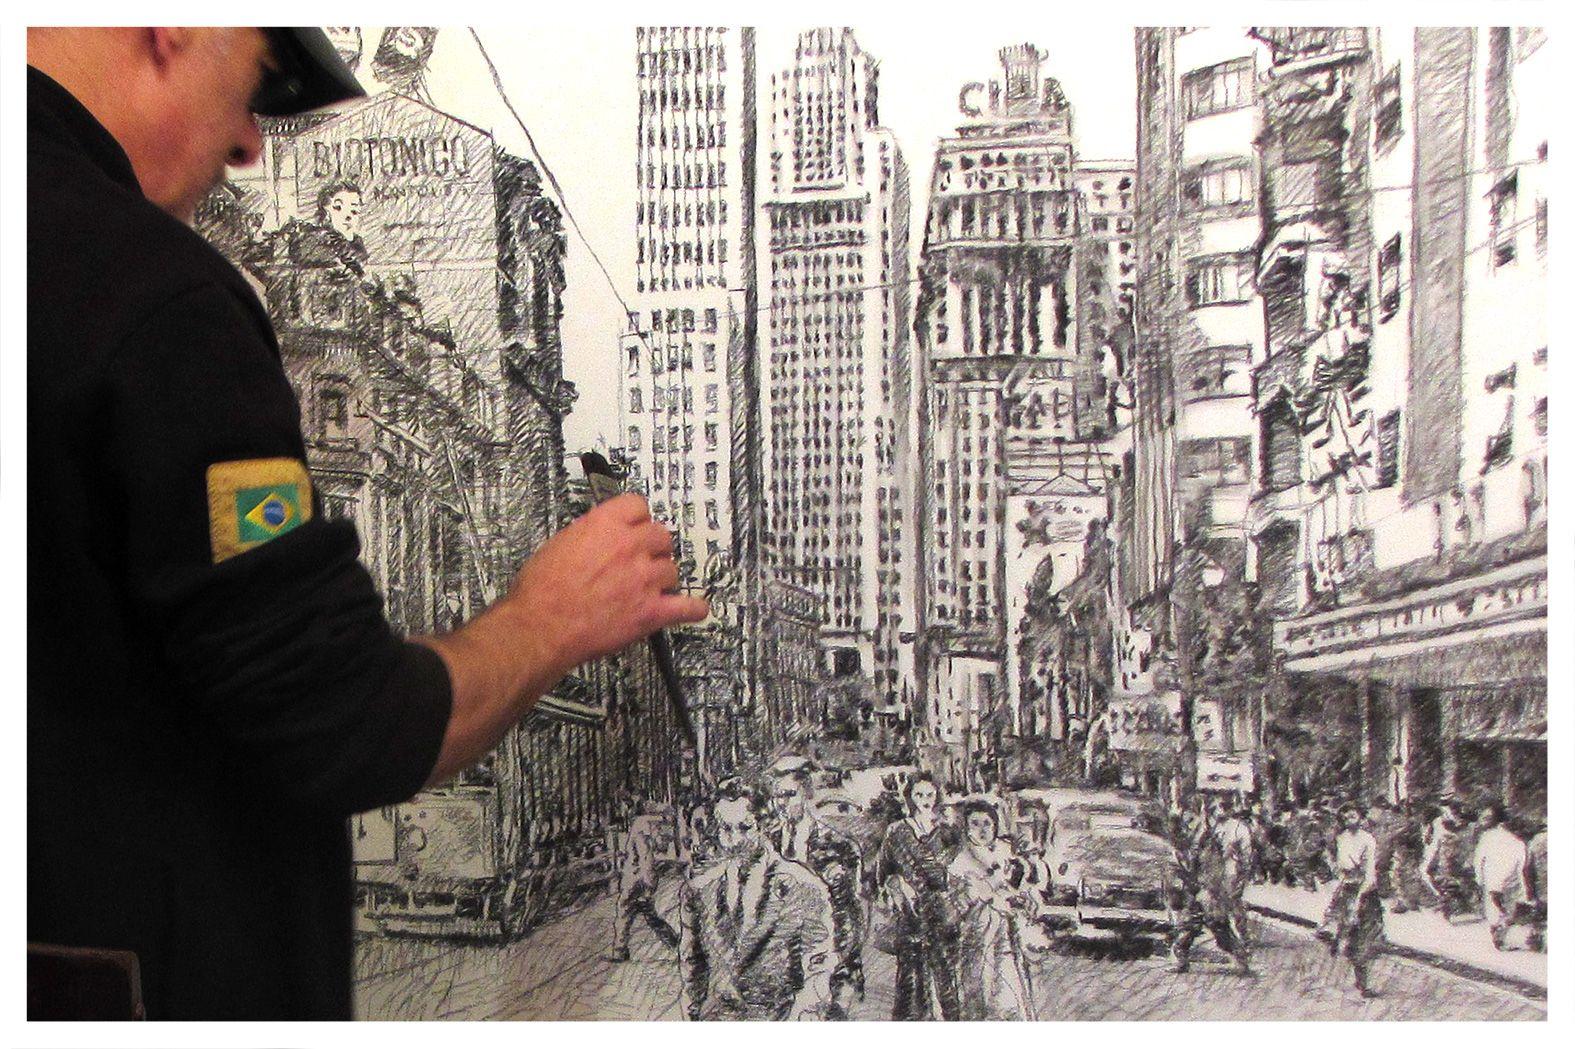 Avenida São João, São Paulo, c. 1957 120 x 90 cm, carvão e acrílico sobre tela Marco Angeli, maio de 2015 http://marcoangelistudio.blogspot.com.br/